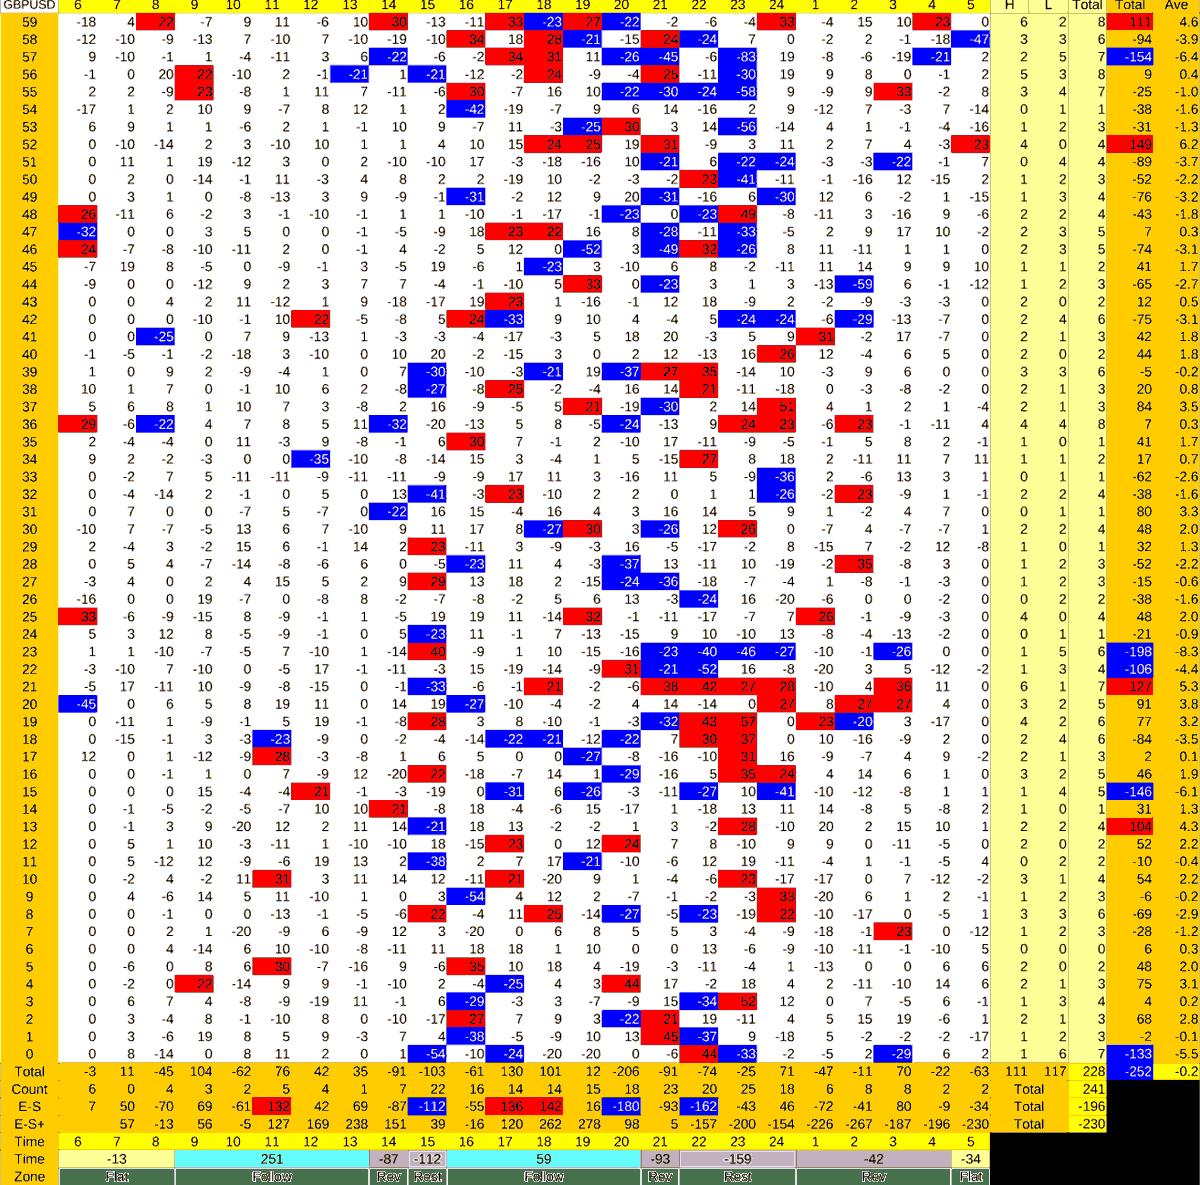 20210526_HS(2)GBPUSD